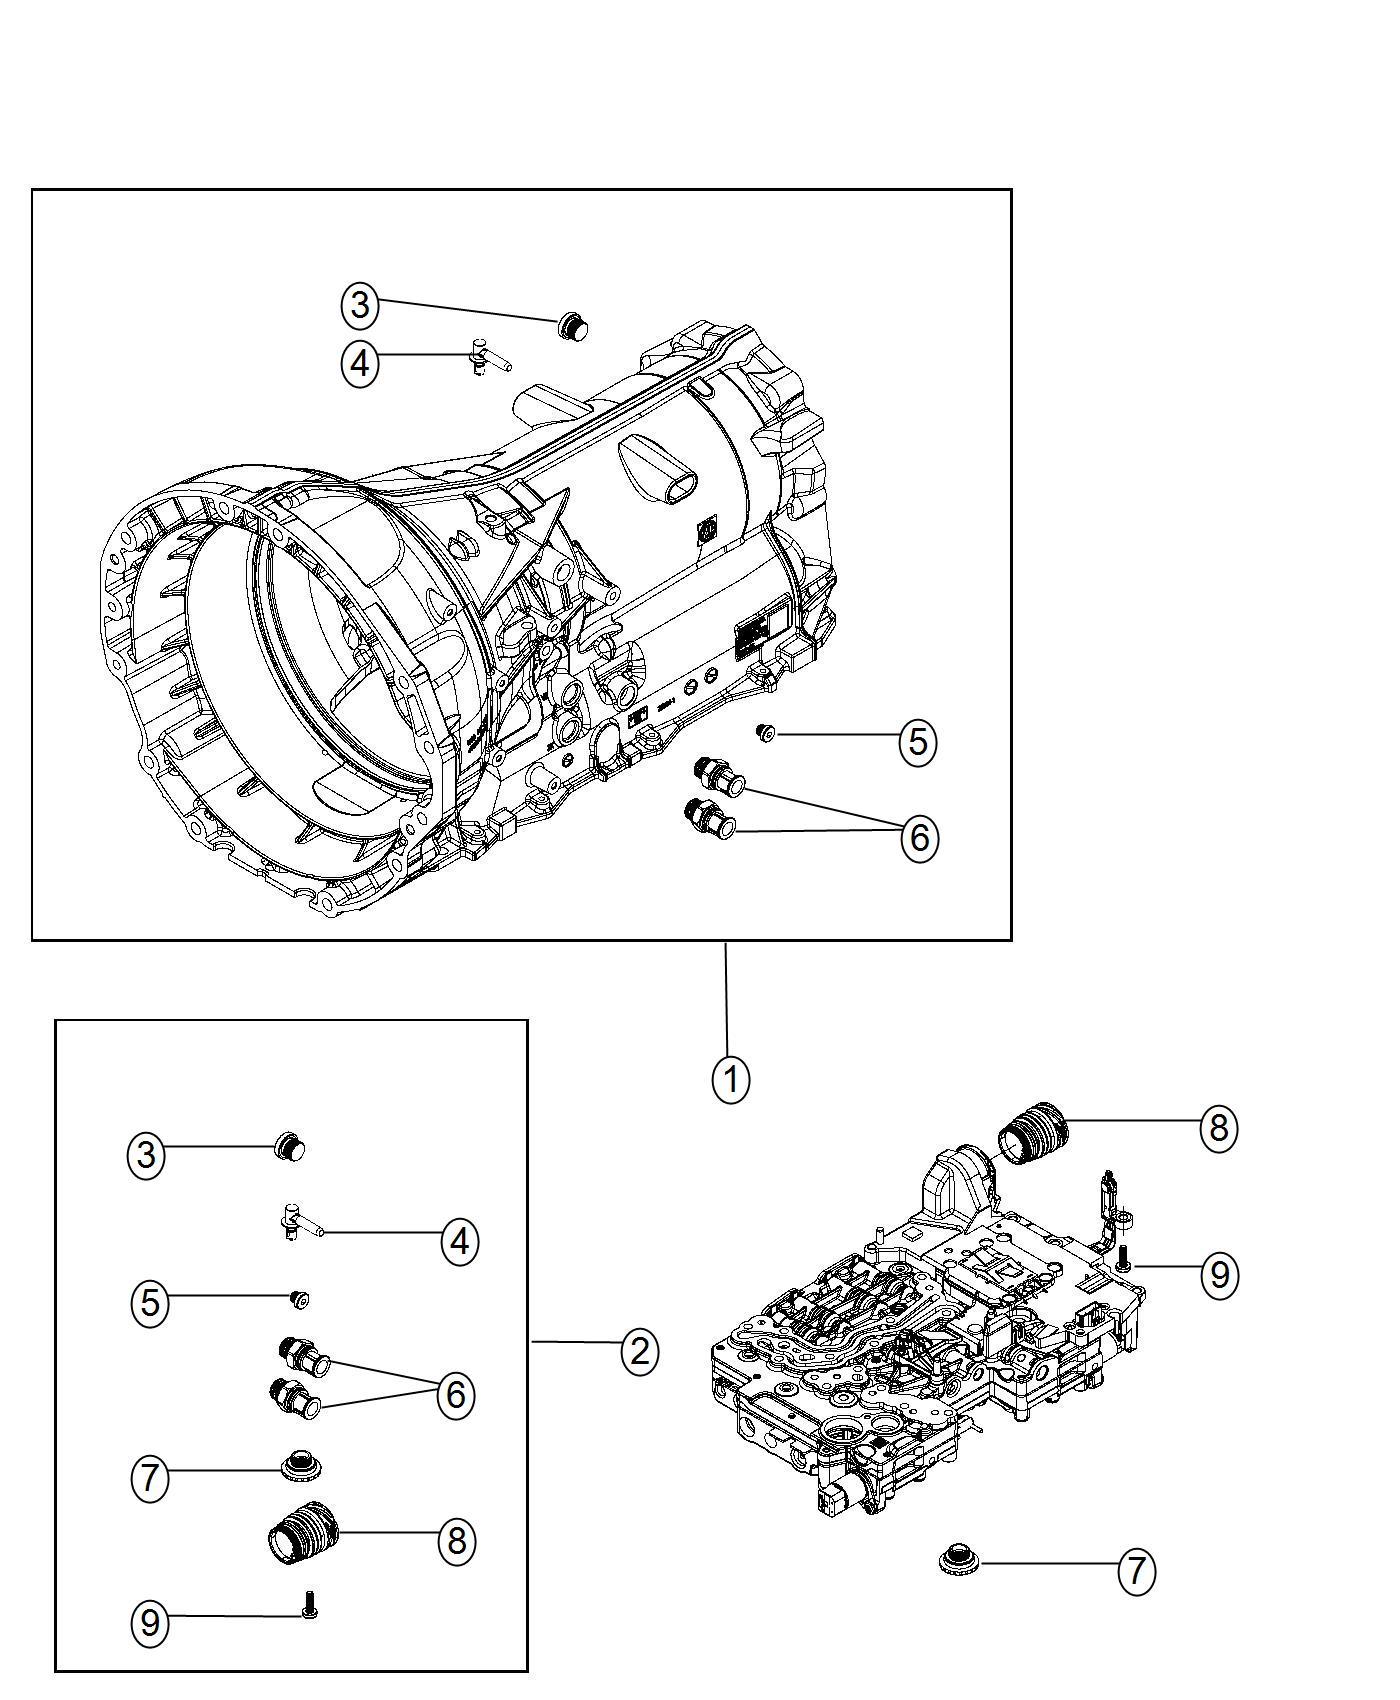 Jeep Grand Cherokee Screw Torx Head M6x1 00x20 00 His